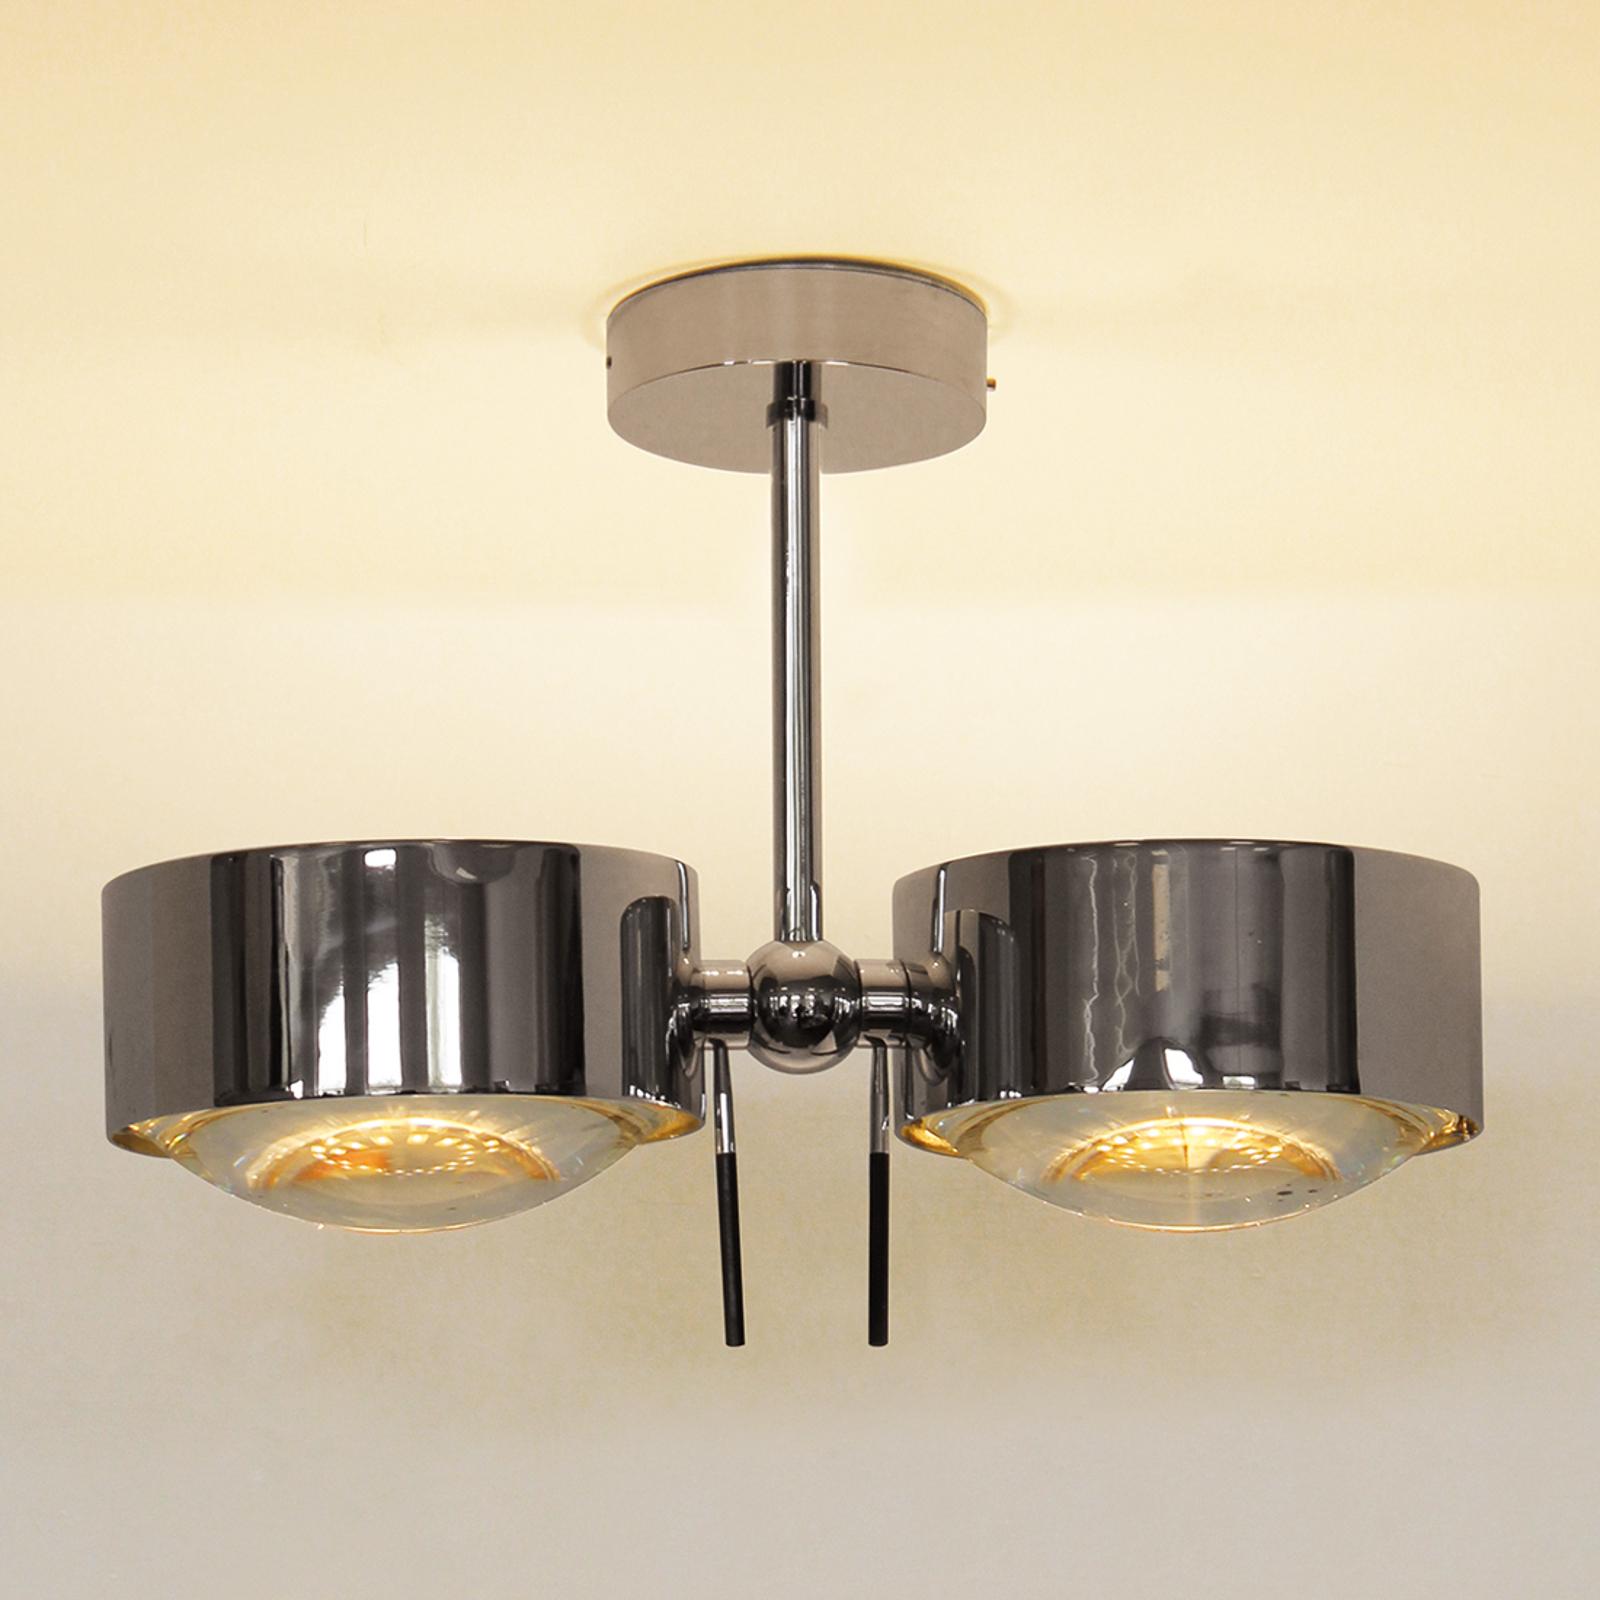 2-lamppuinen kattovalaisin PUK SIDES, kromi, 10 cm